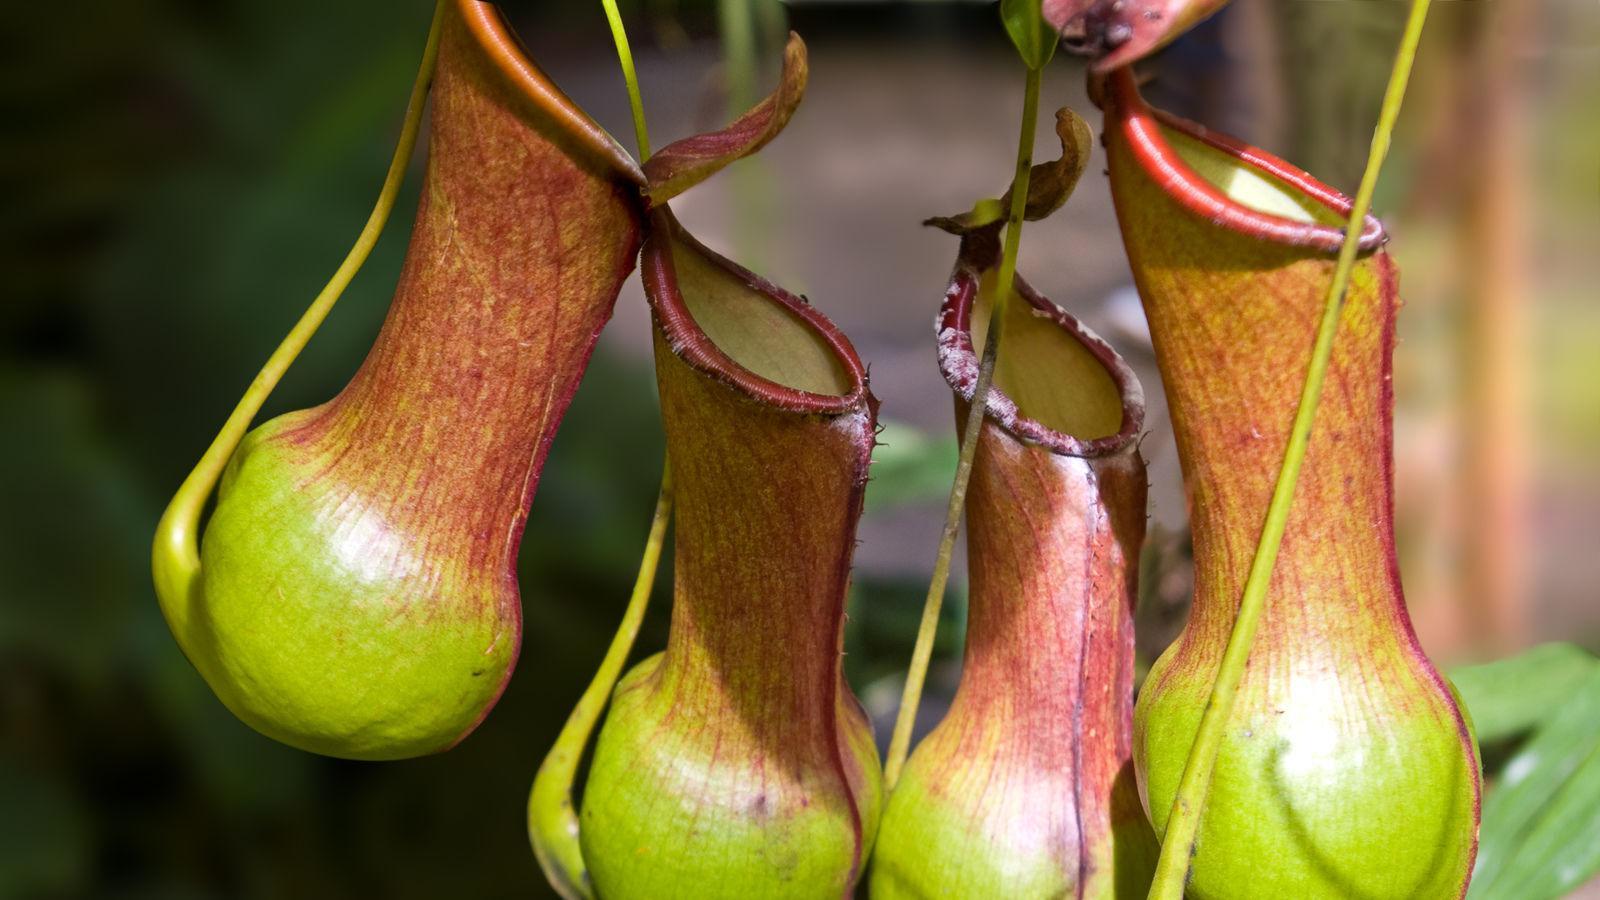 vleesetende plant bekerval